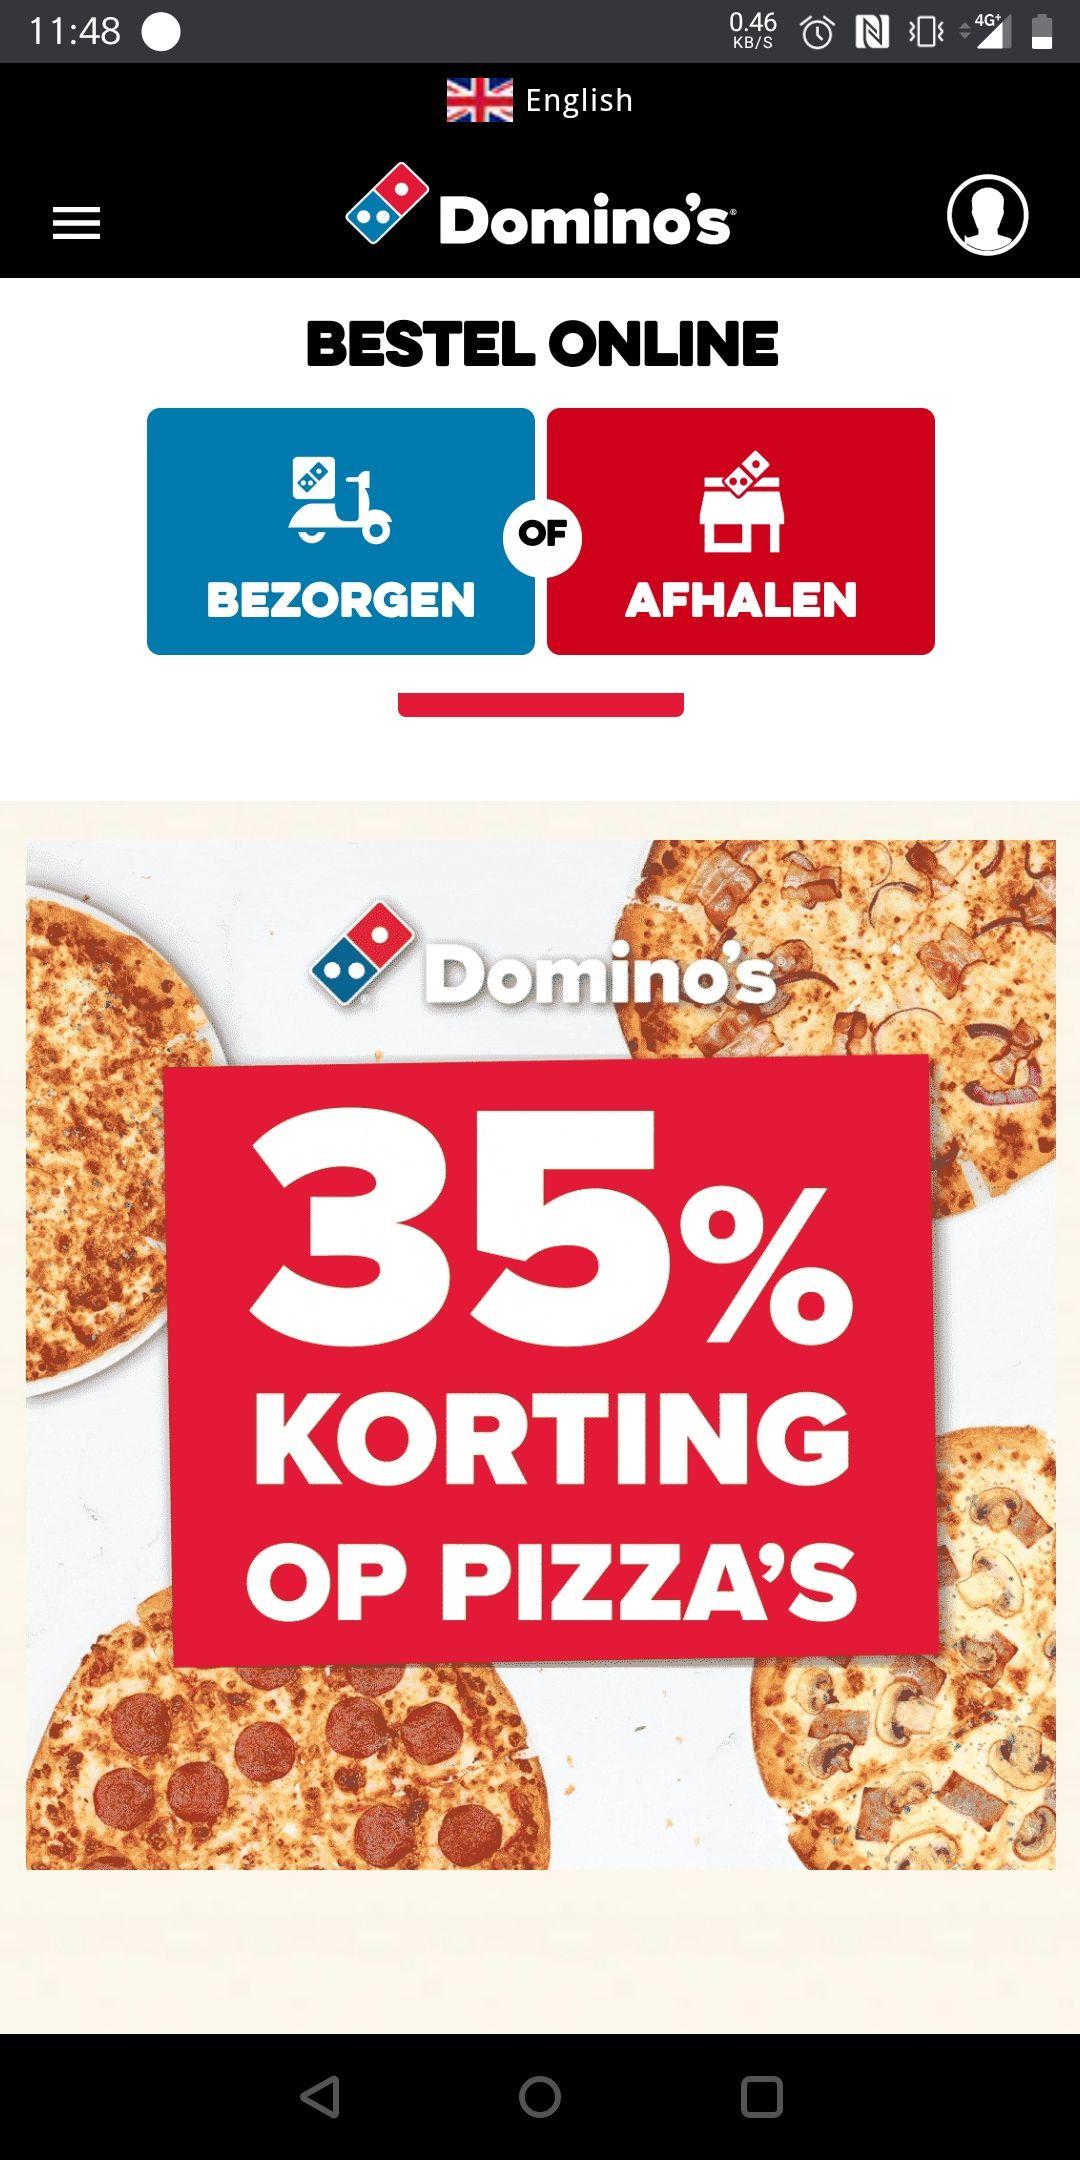 Domino's Flash Weekend 35% korting op pizza's